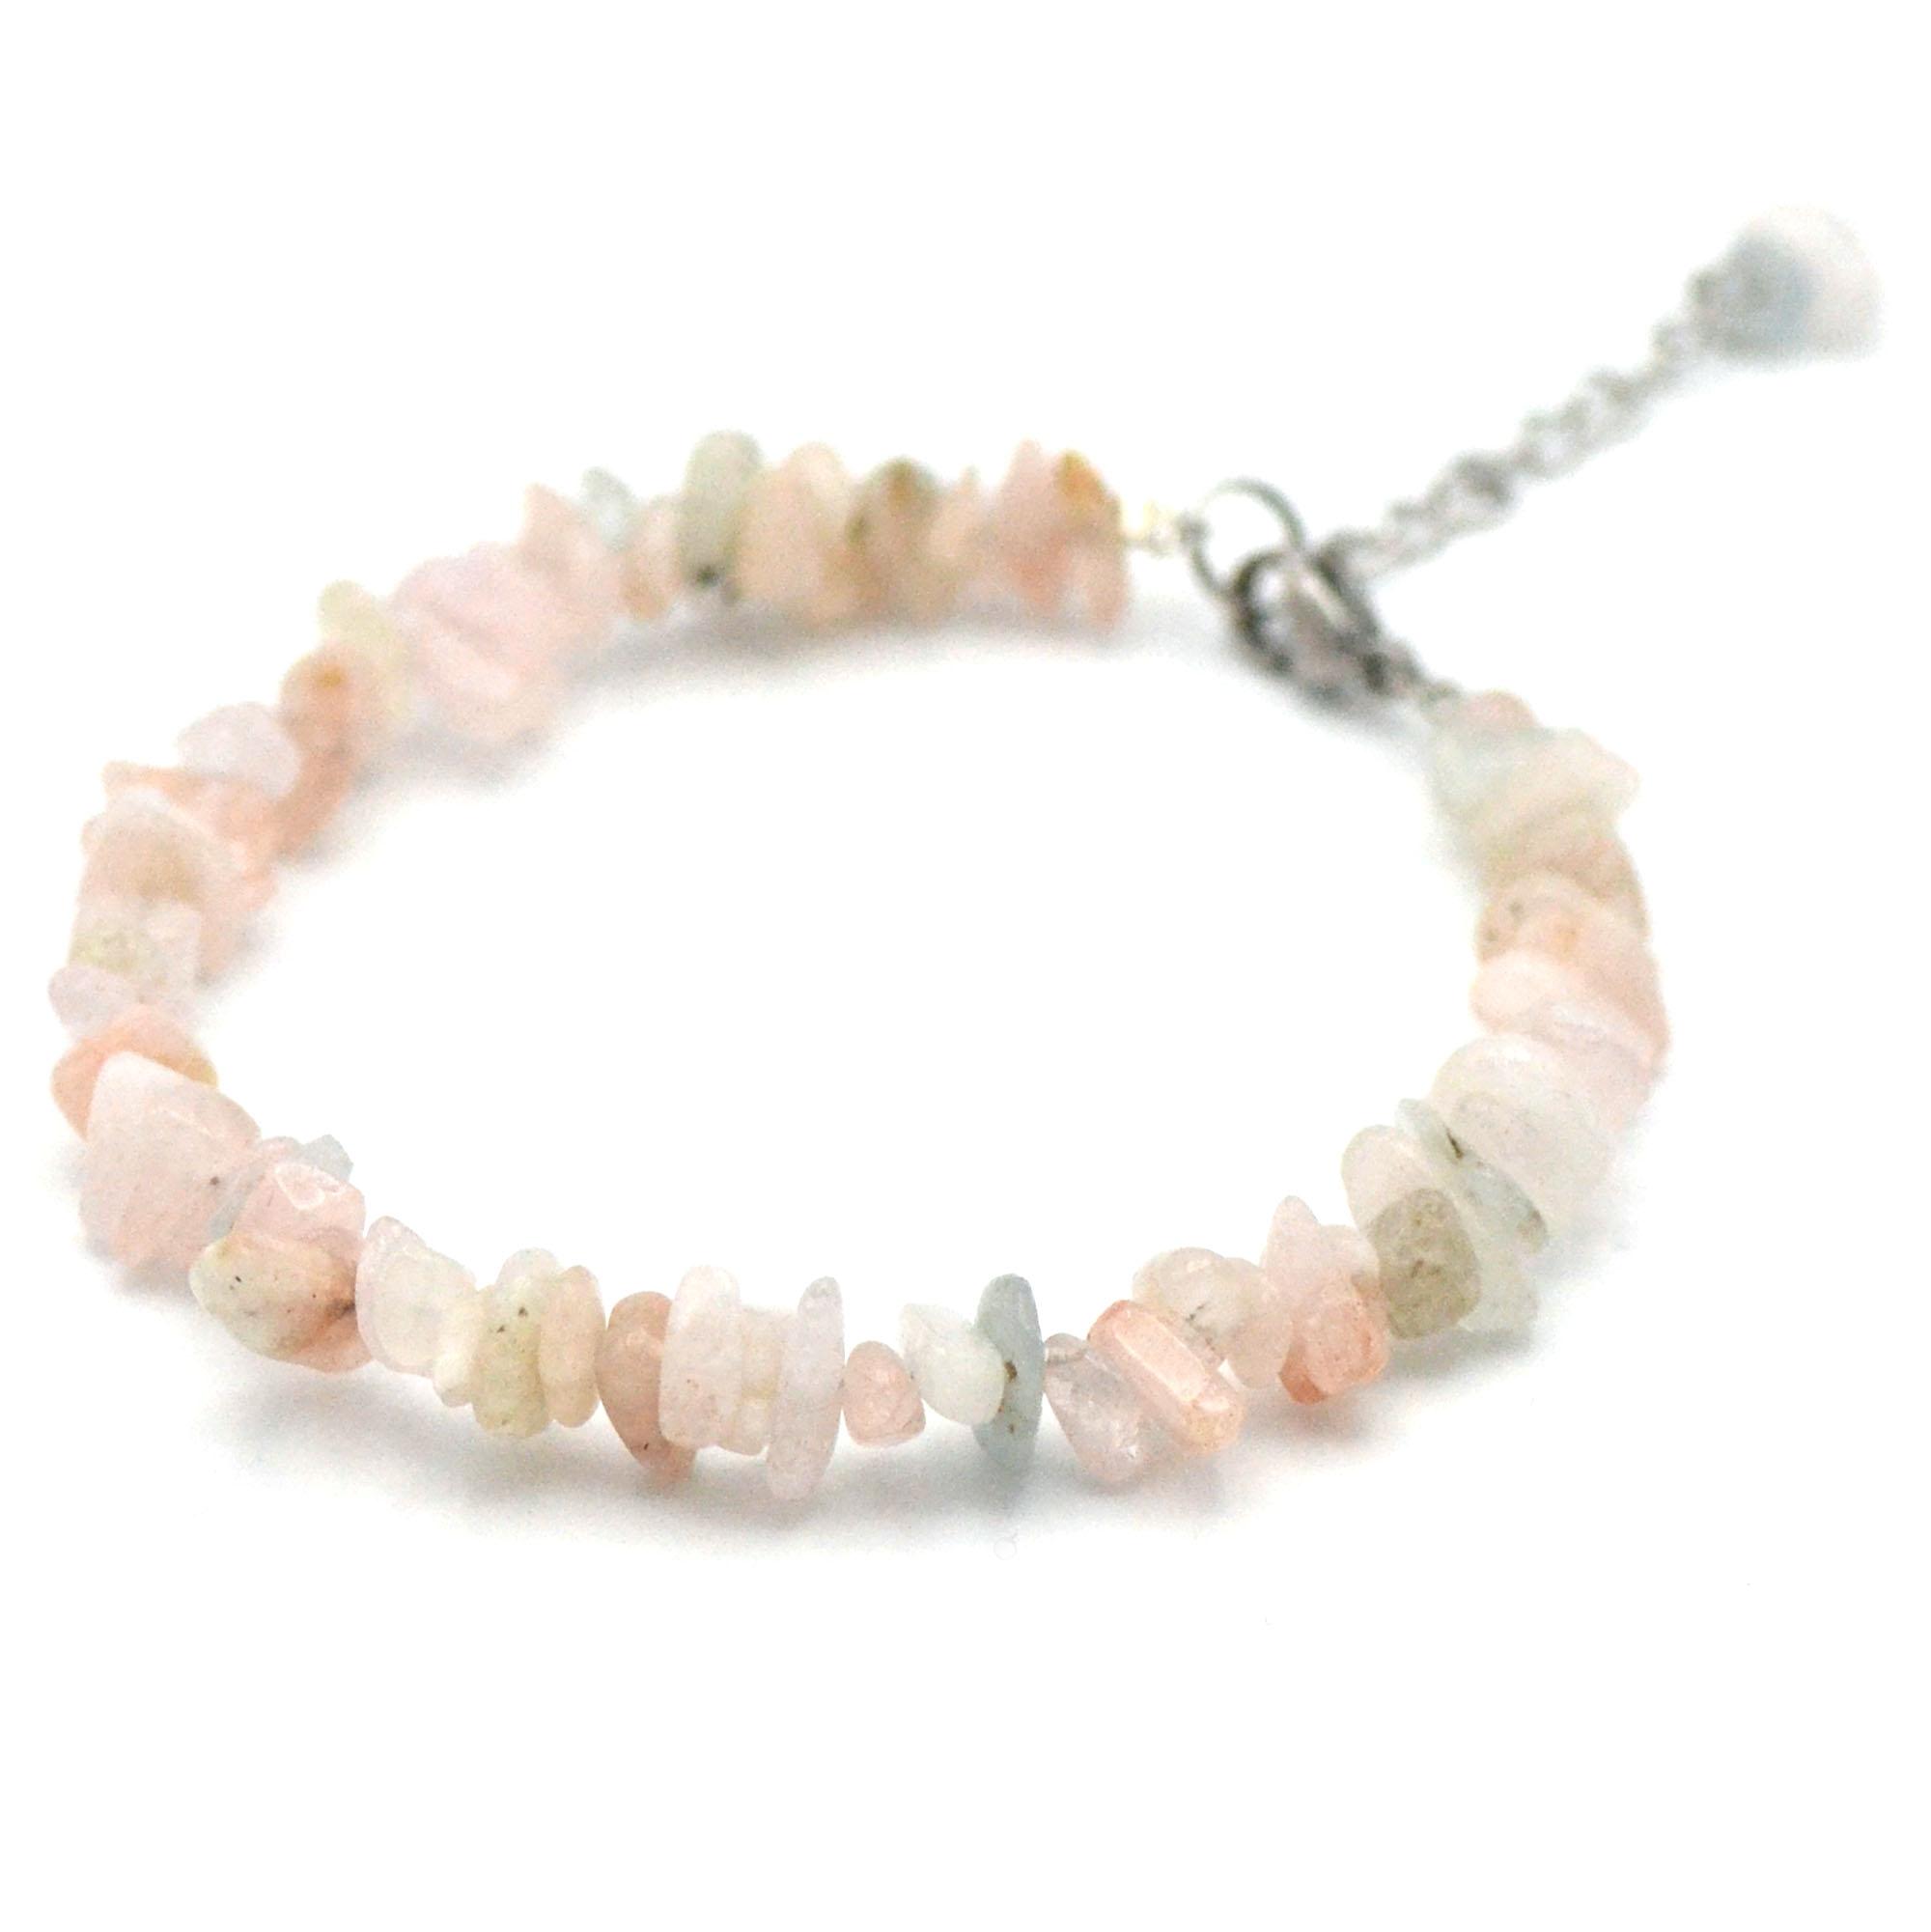 bracelet béryl-morganite, perle chips avec fermoir et chainette en acier inoxydable